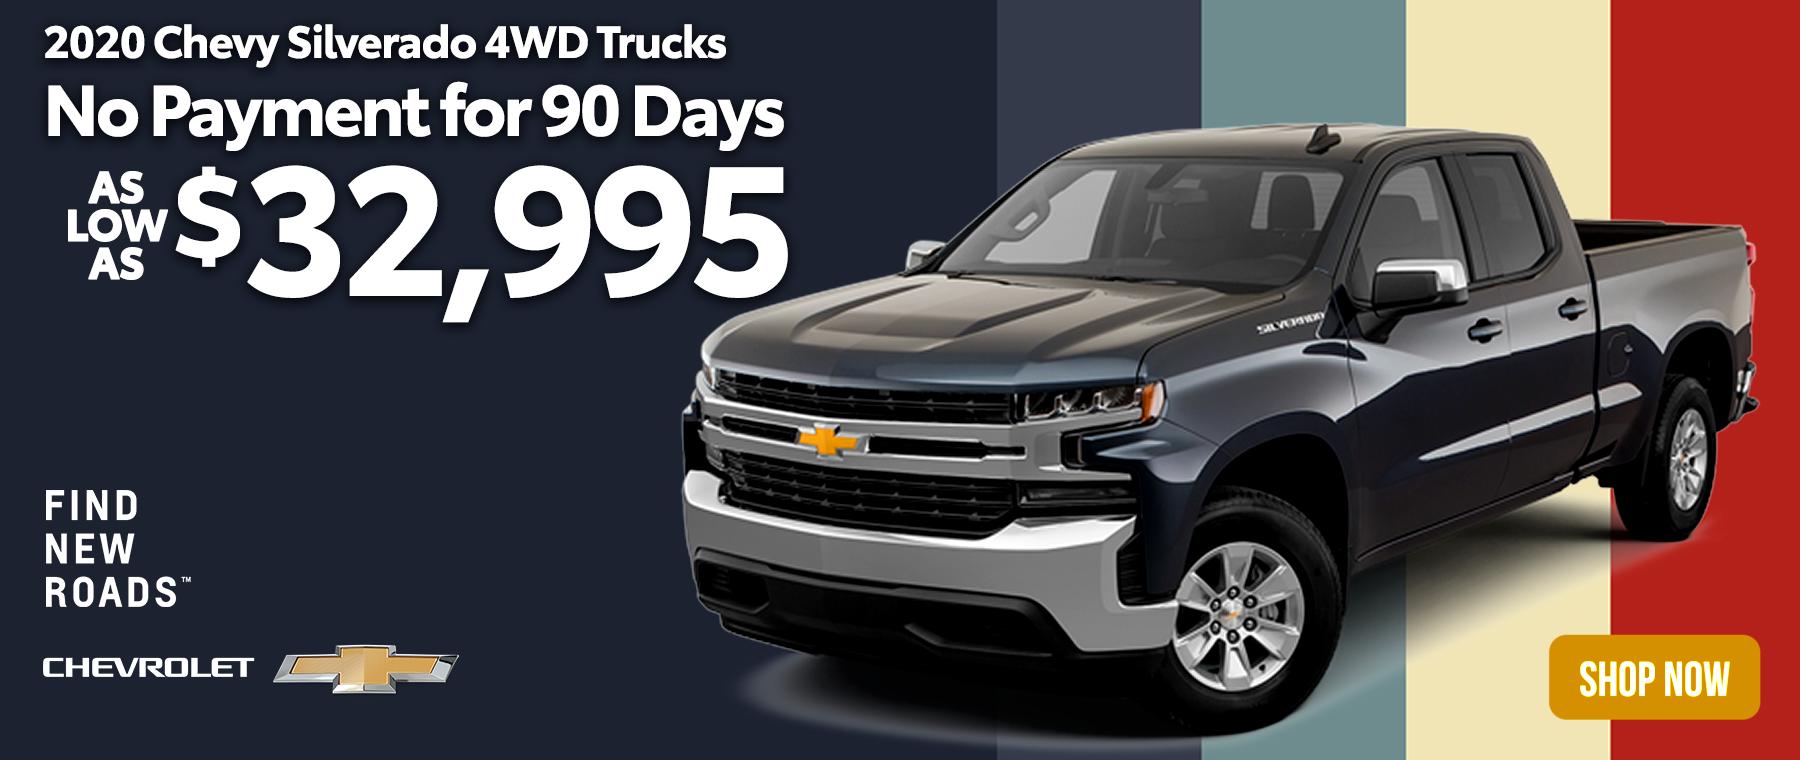 Rick-Hendrick-Chevrolet-Charleston—Sept20_TR_Website-Assets-SILVERADO-1800×760 (1)